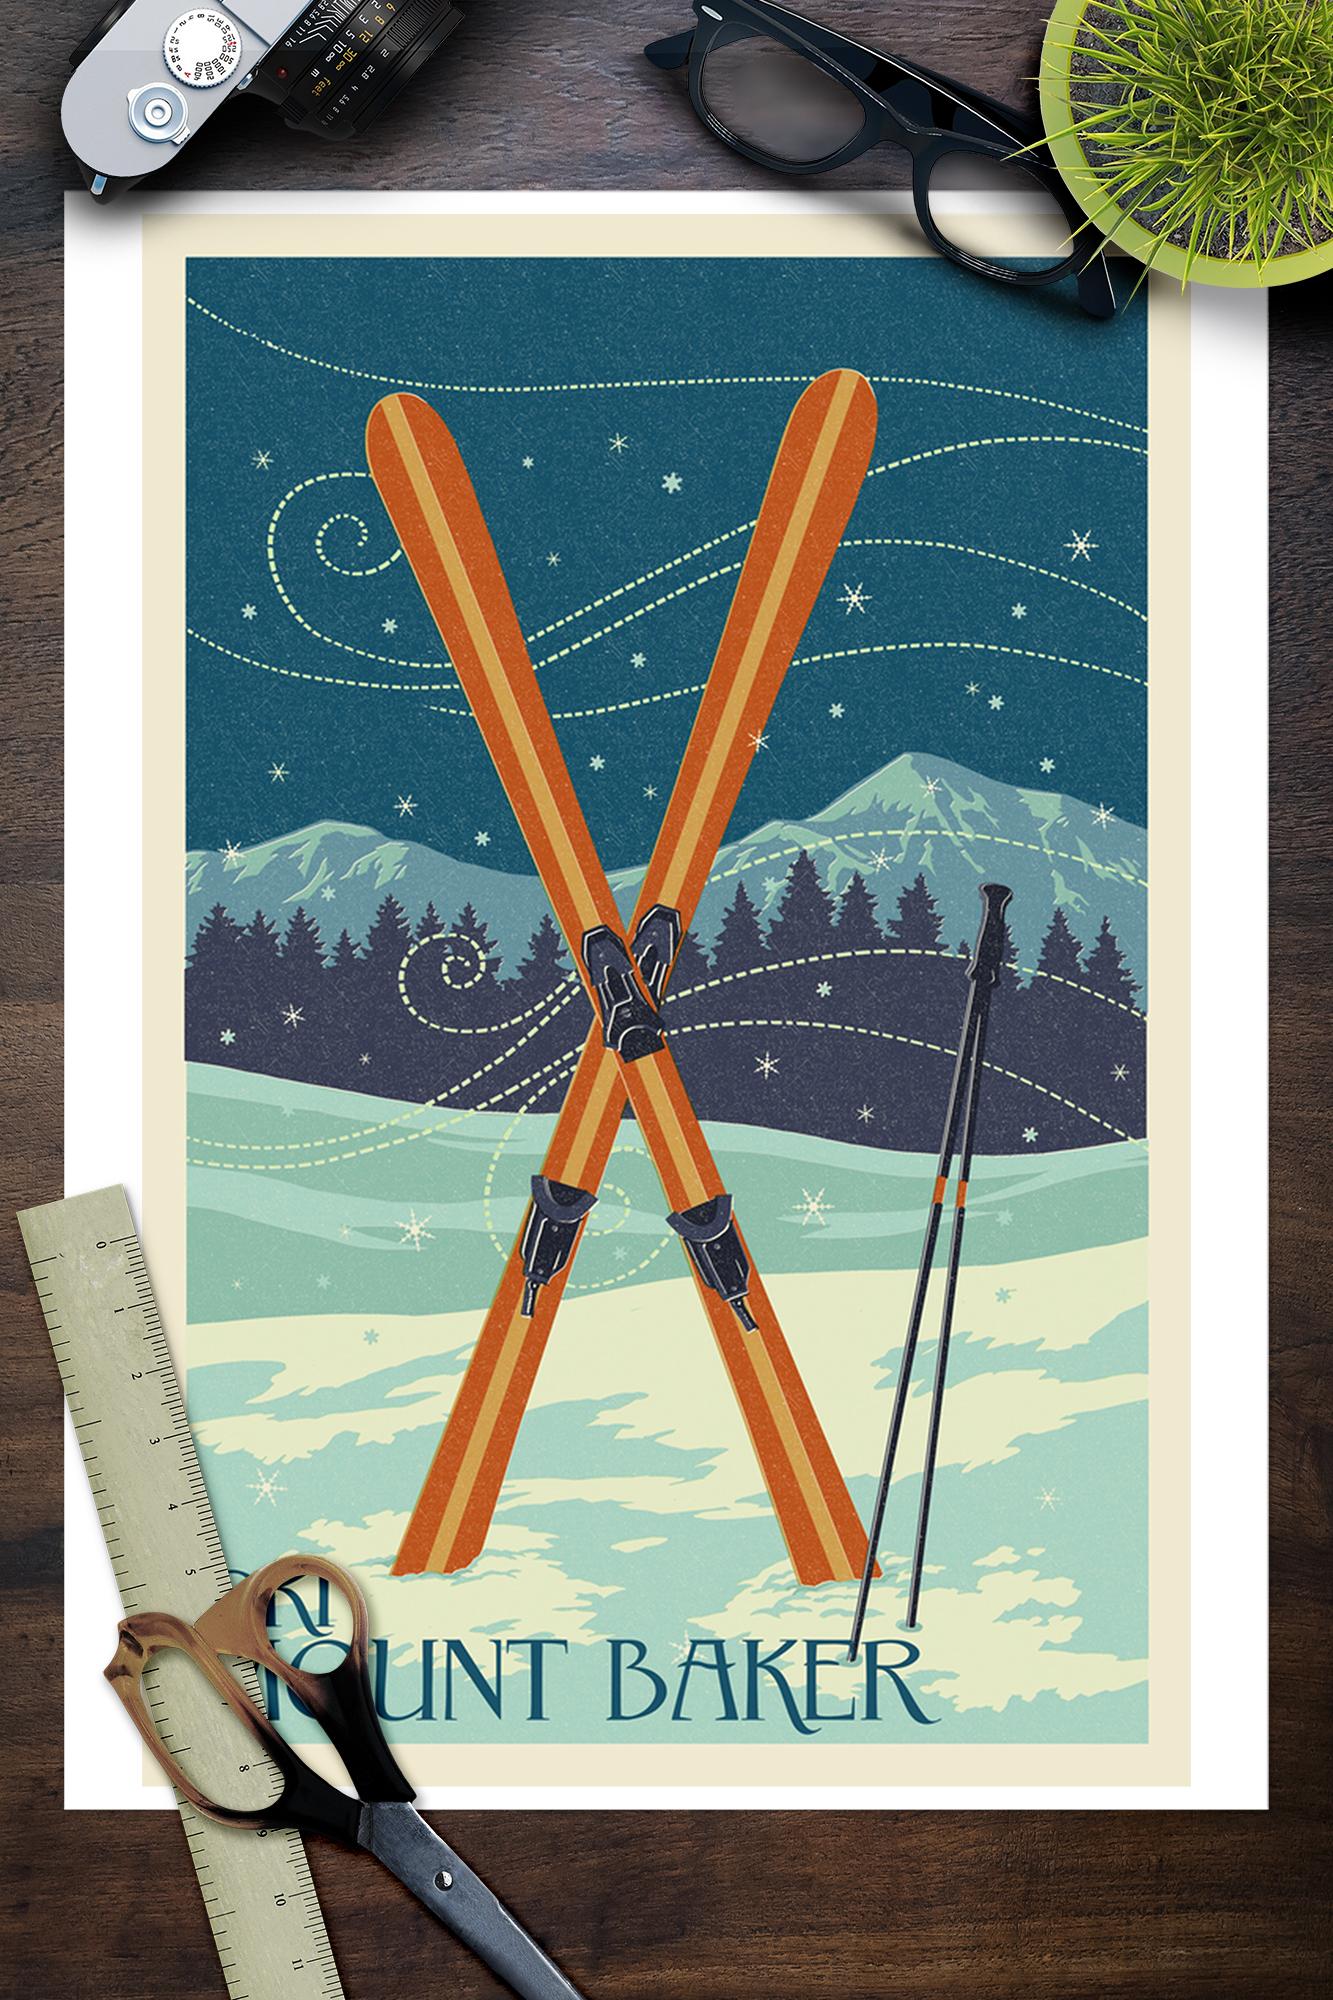 Posters, Wood /& Metal Signs LP Artwork WA Crossed Skis Letterpress Mt Baker